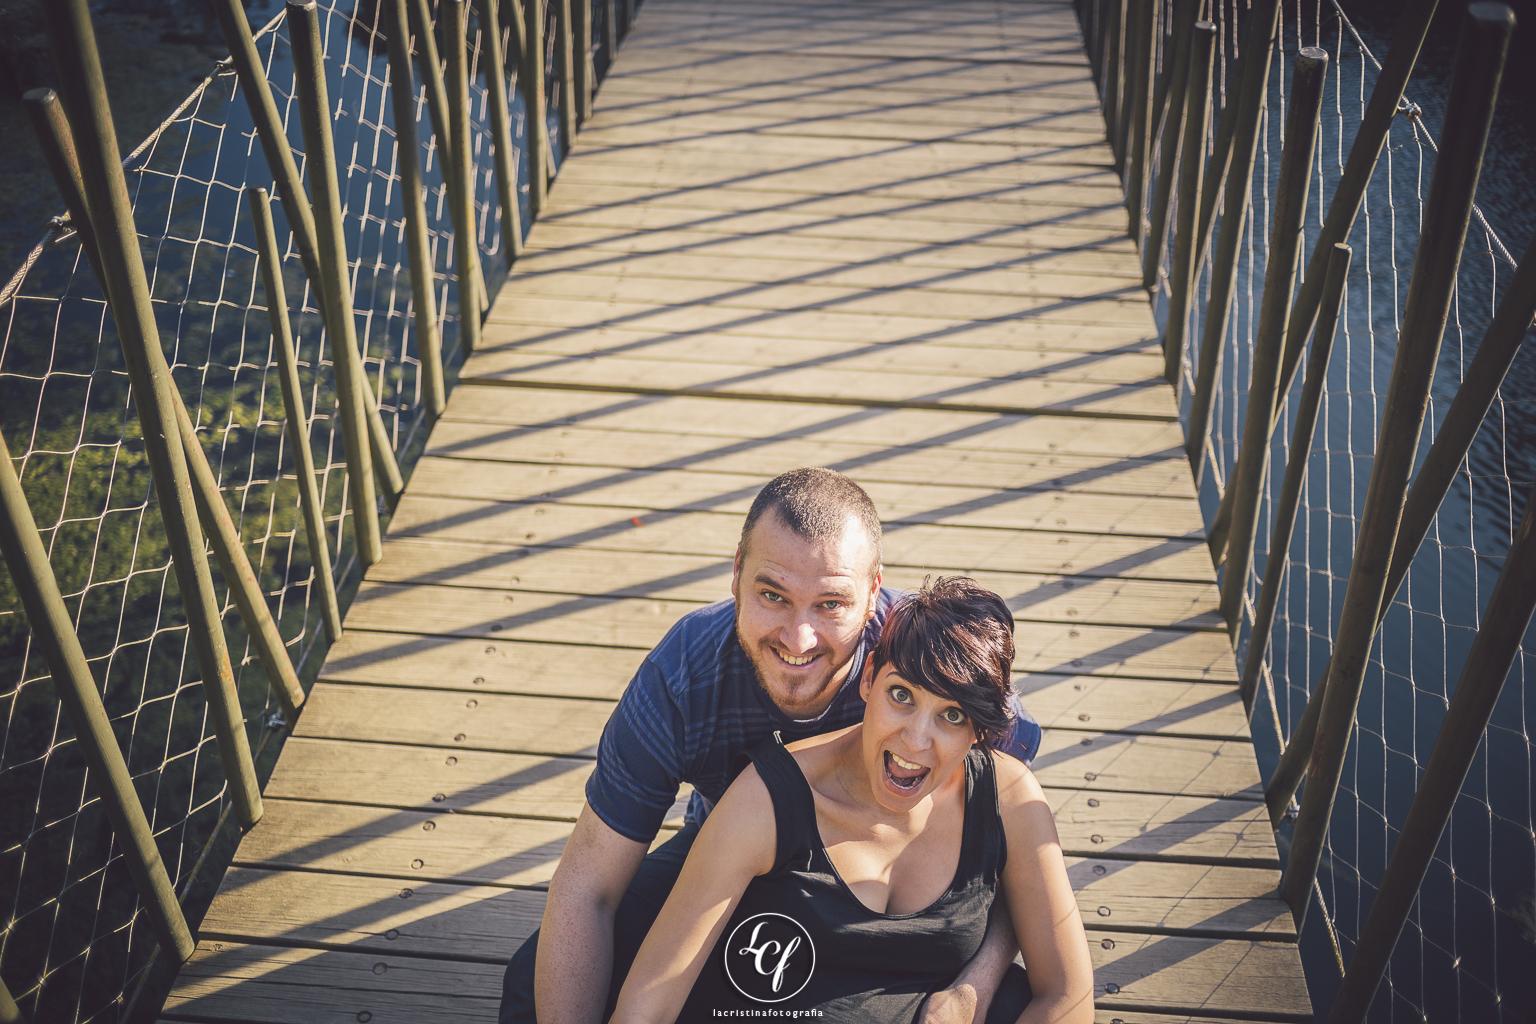 fotografía embarazada Barcelona :: pantano de vallvidrera :: fotógrafo de embarazo :: fotógrafo de embarazada barcelona :: fotografía natural